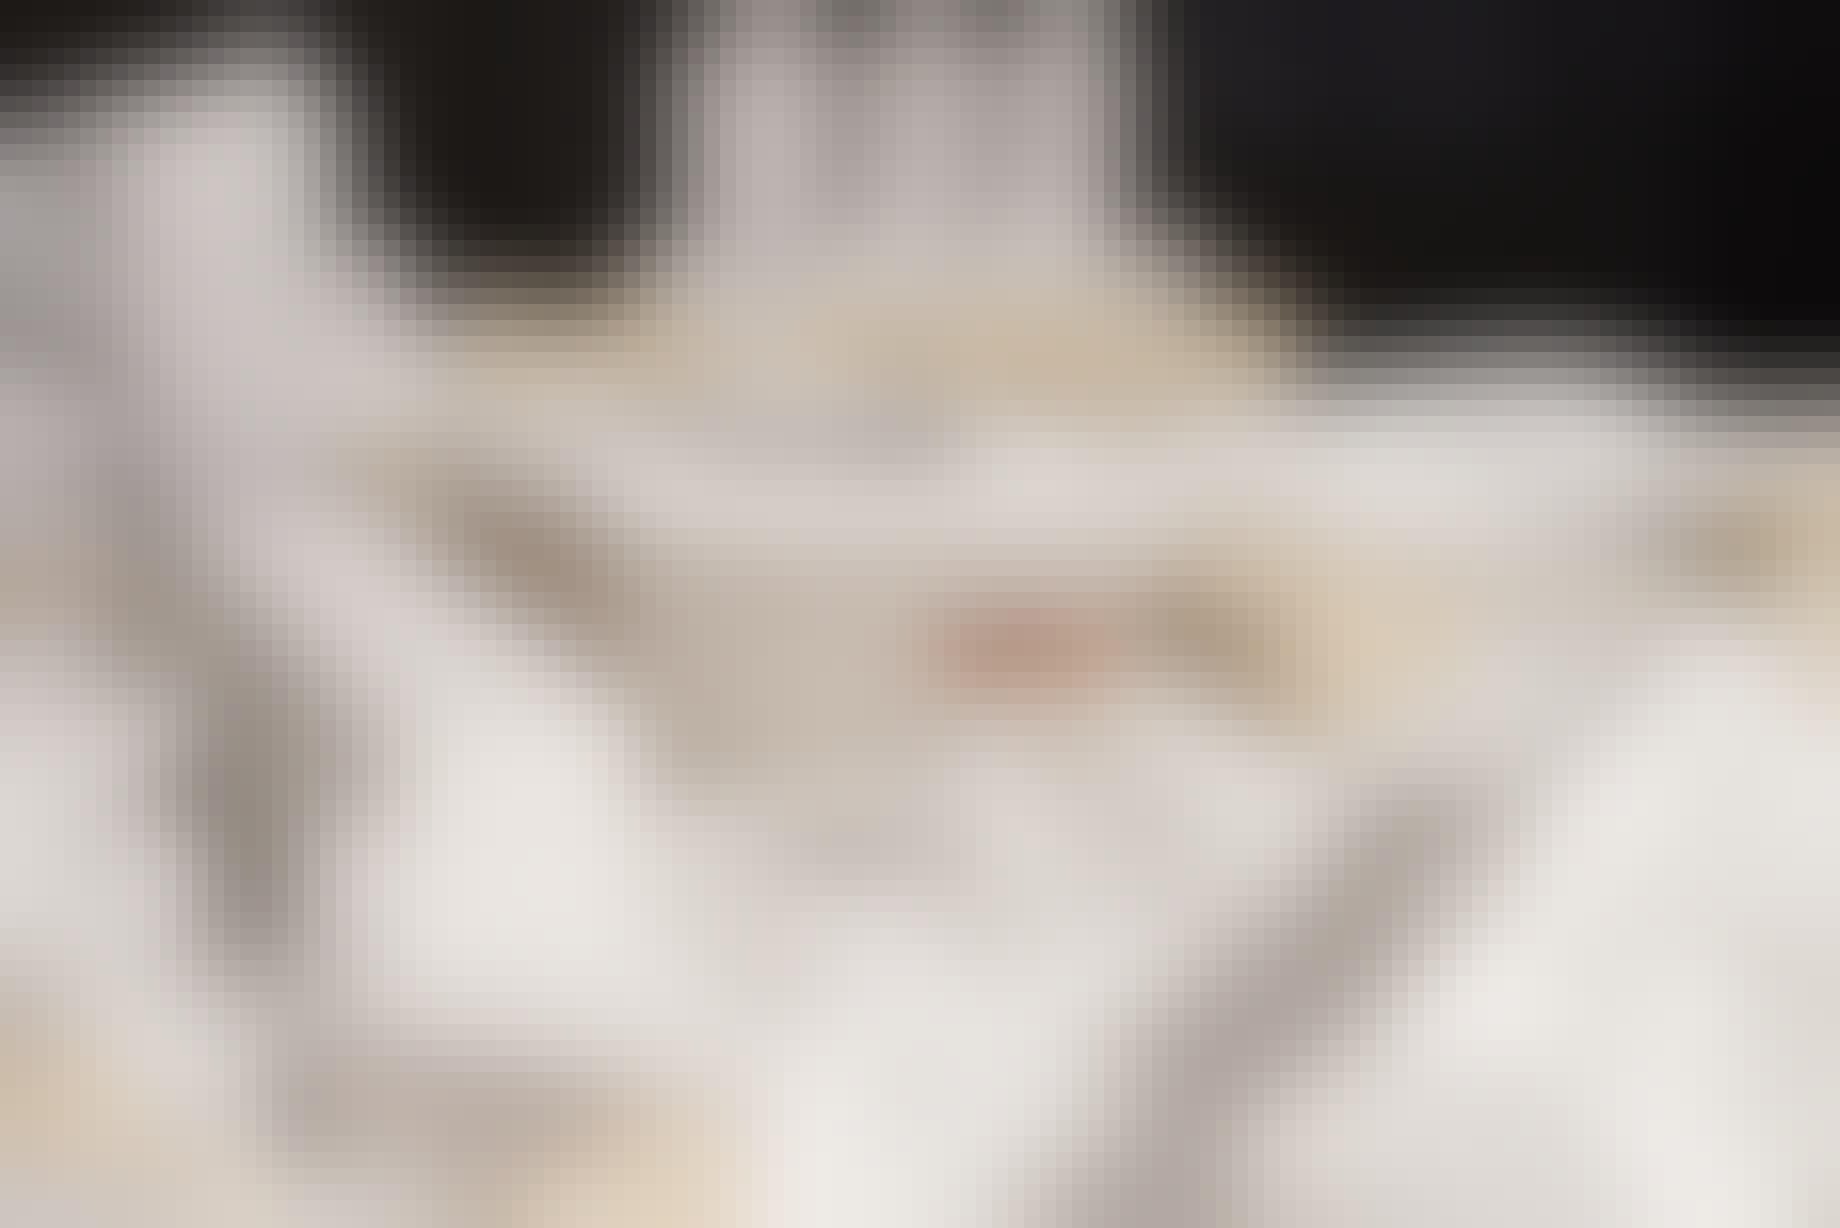 Bilderraum-Fotostudio-1921-02b-Modell-ohneFarblicht